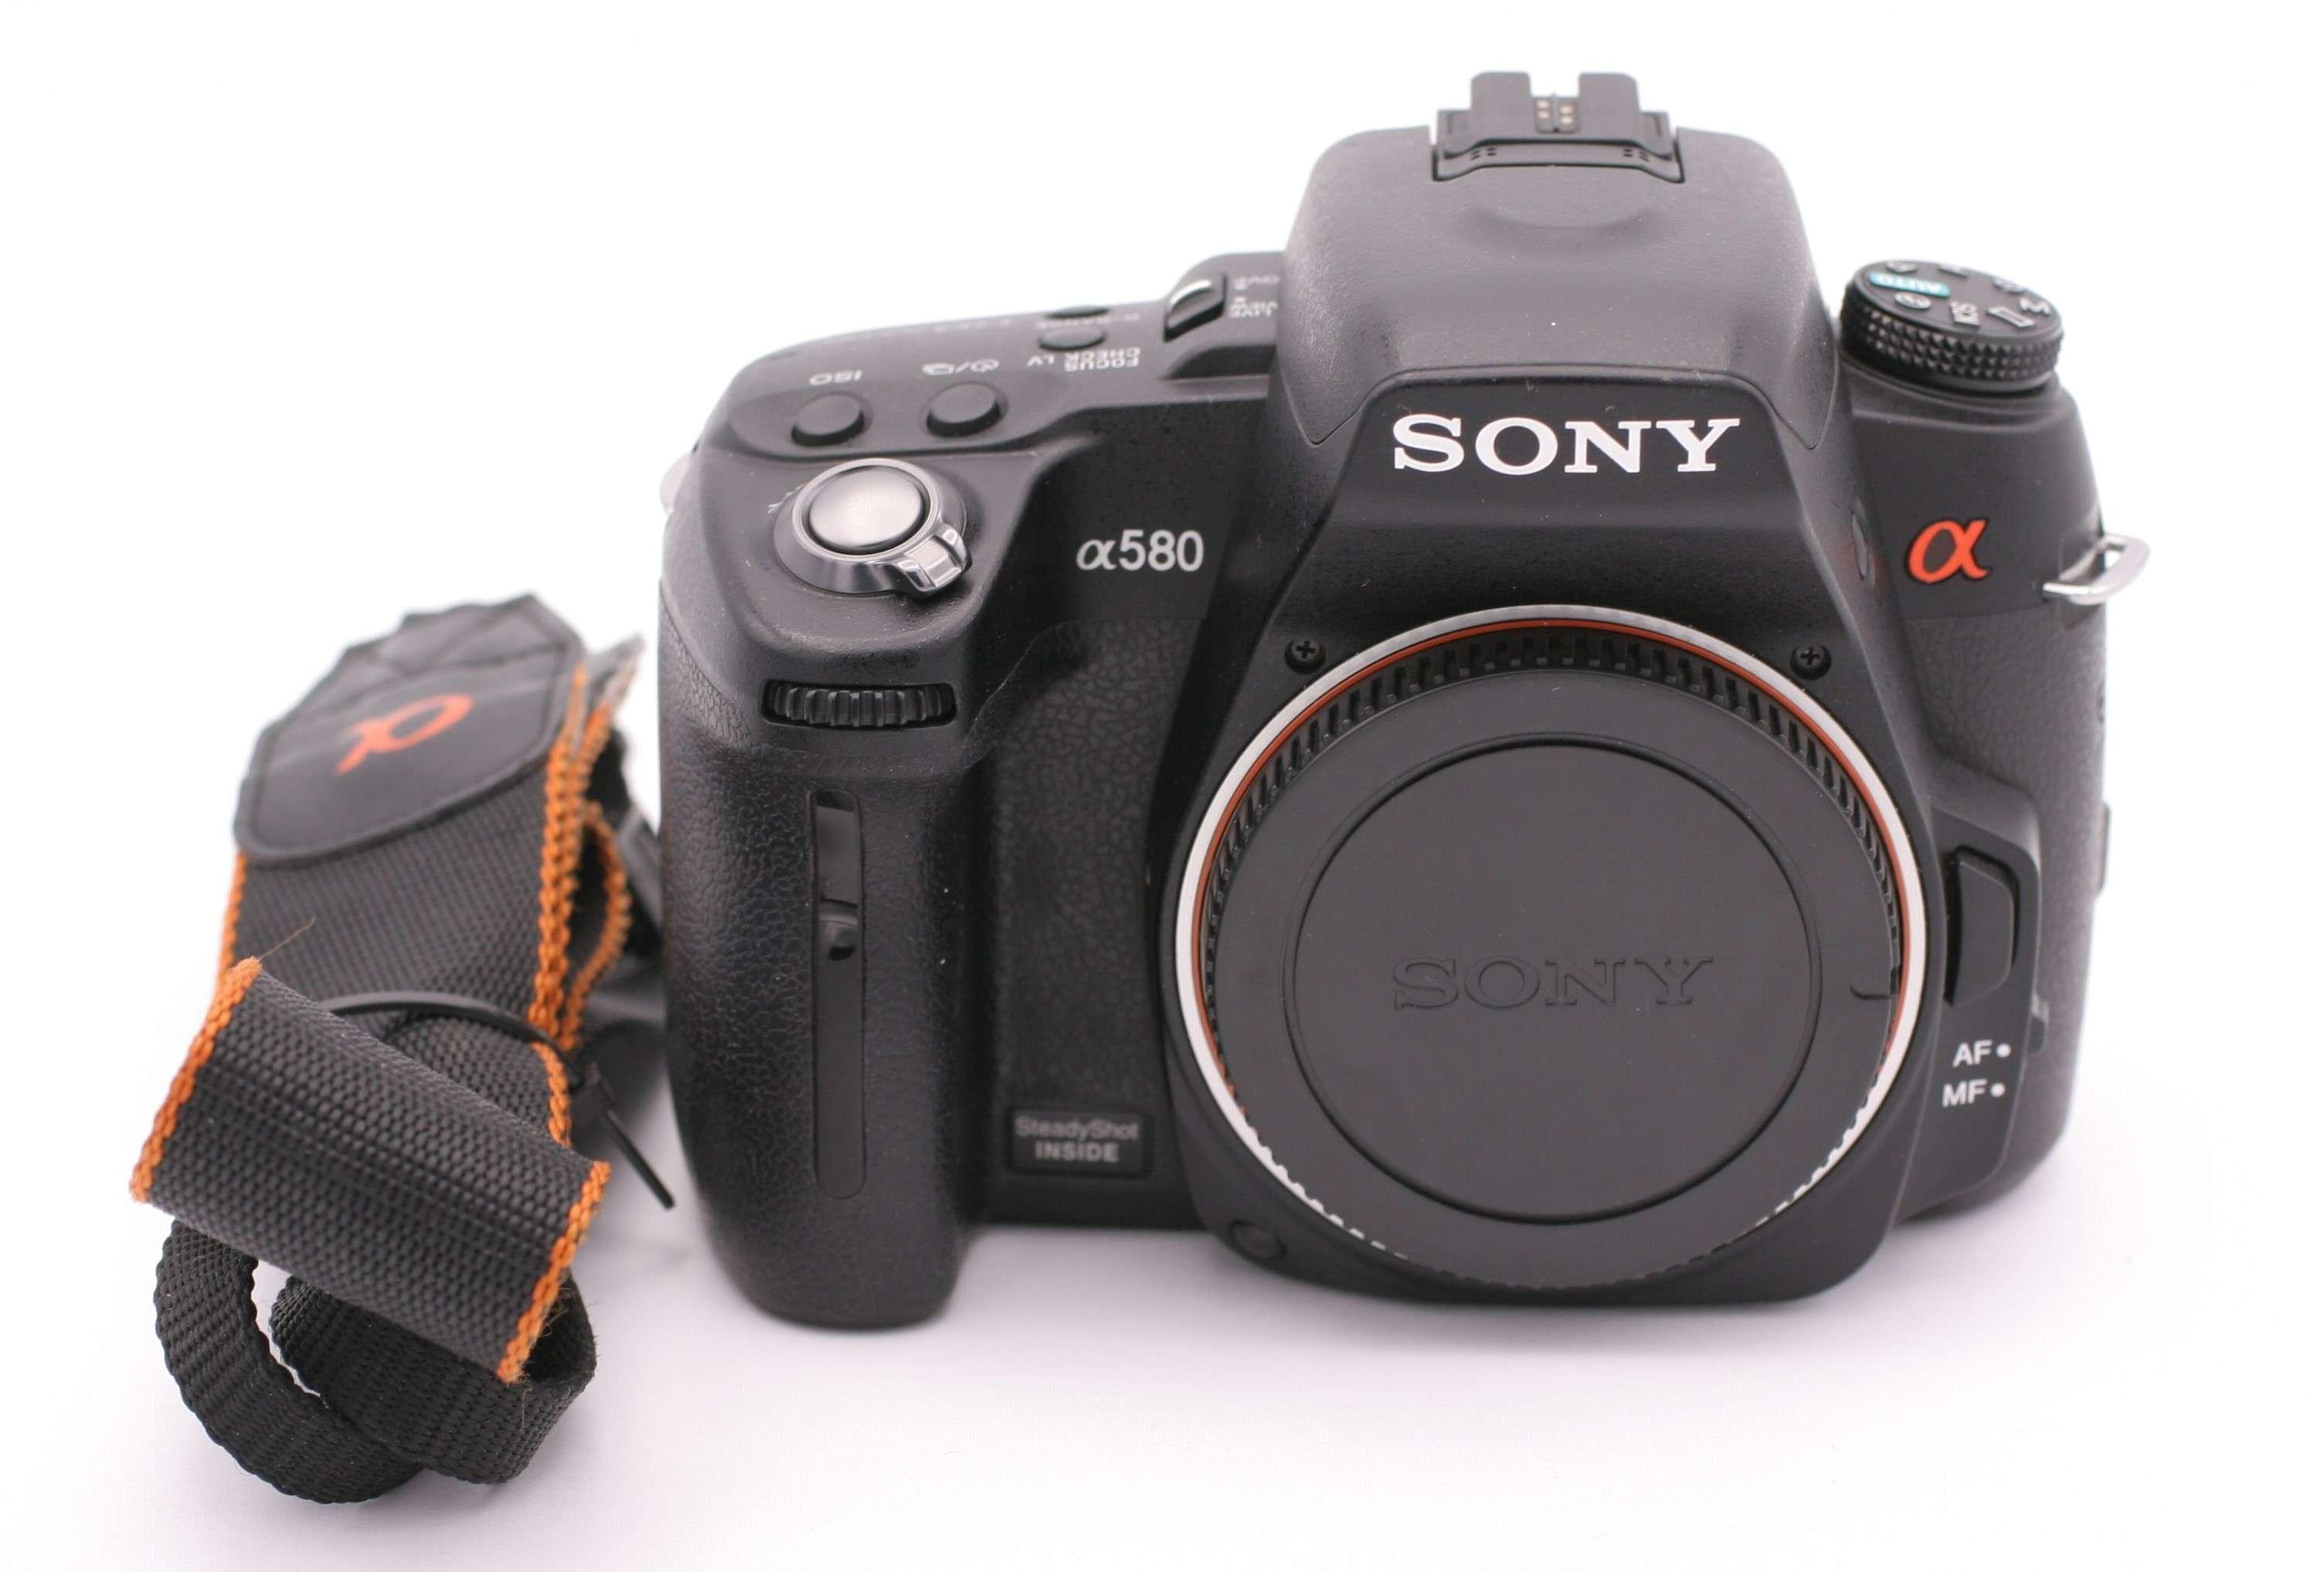 sony alpha dslr a580 16 2 mp digital slr camera black body only ebay. Black Bedroom Furniture Sets. Home Design Ideas